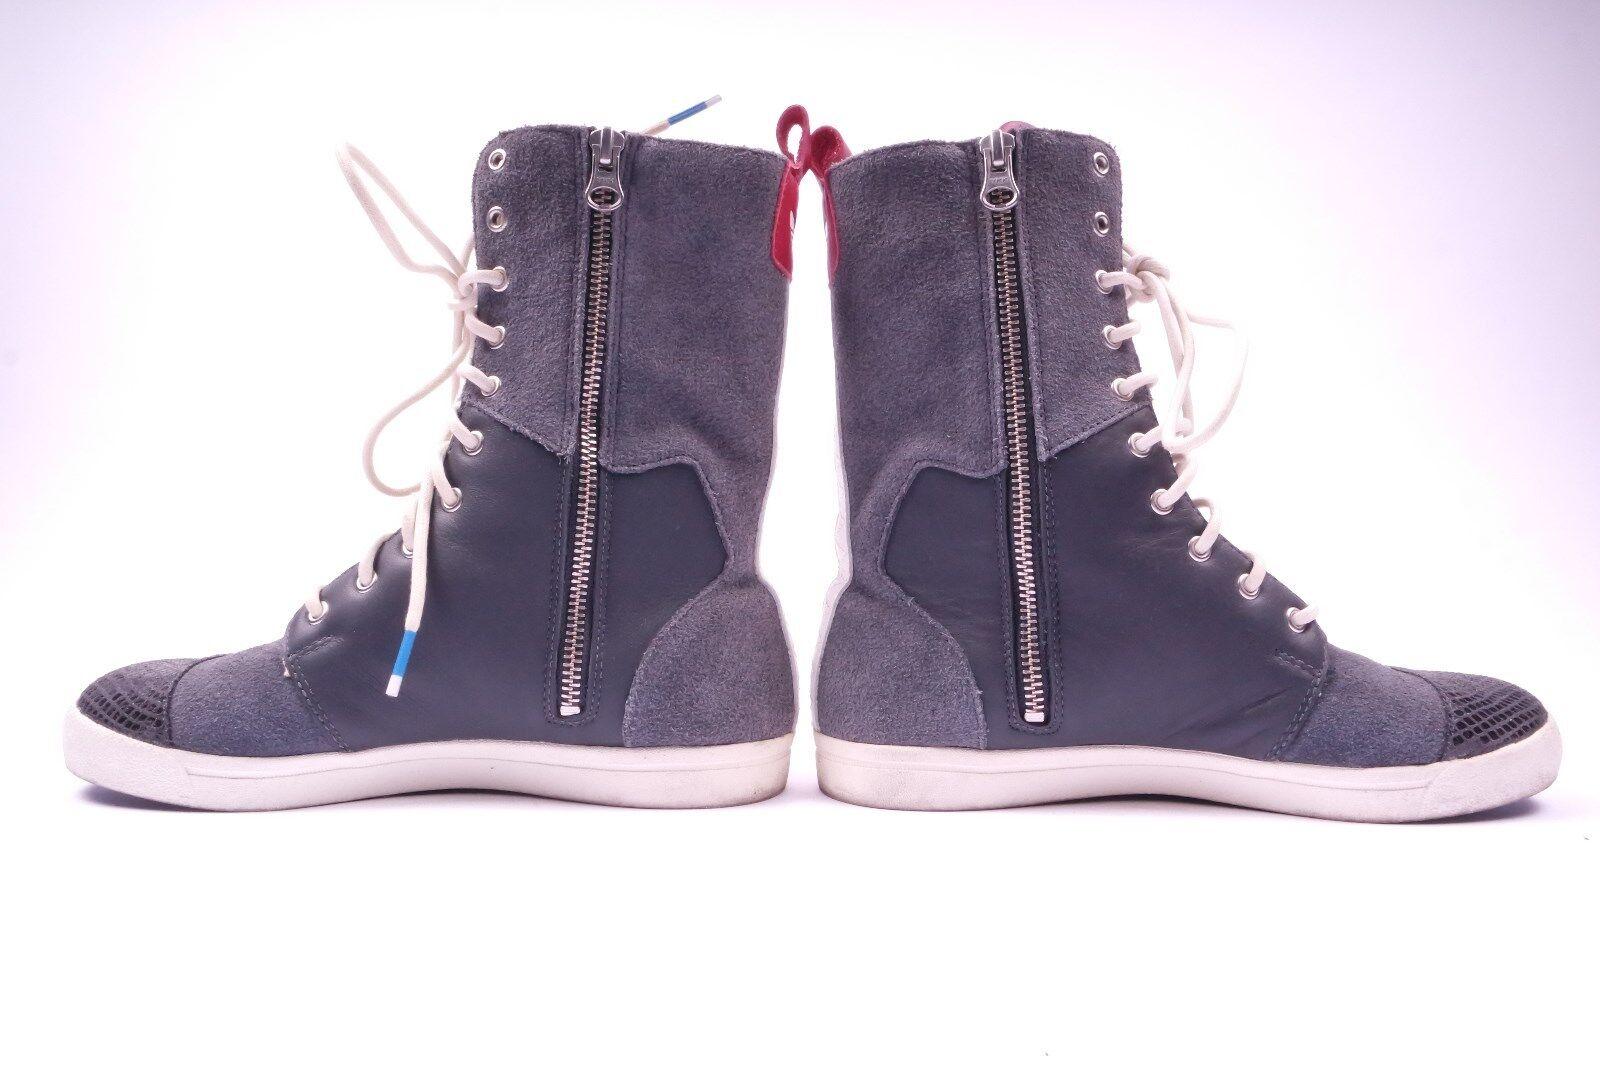 Adidas Originals botas botas con cierre de cremallera Retro Vintage señora  3